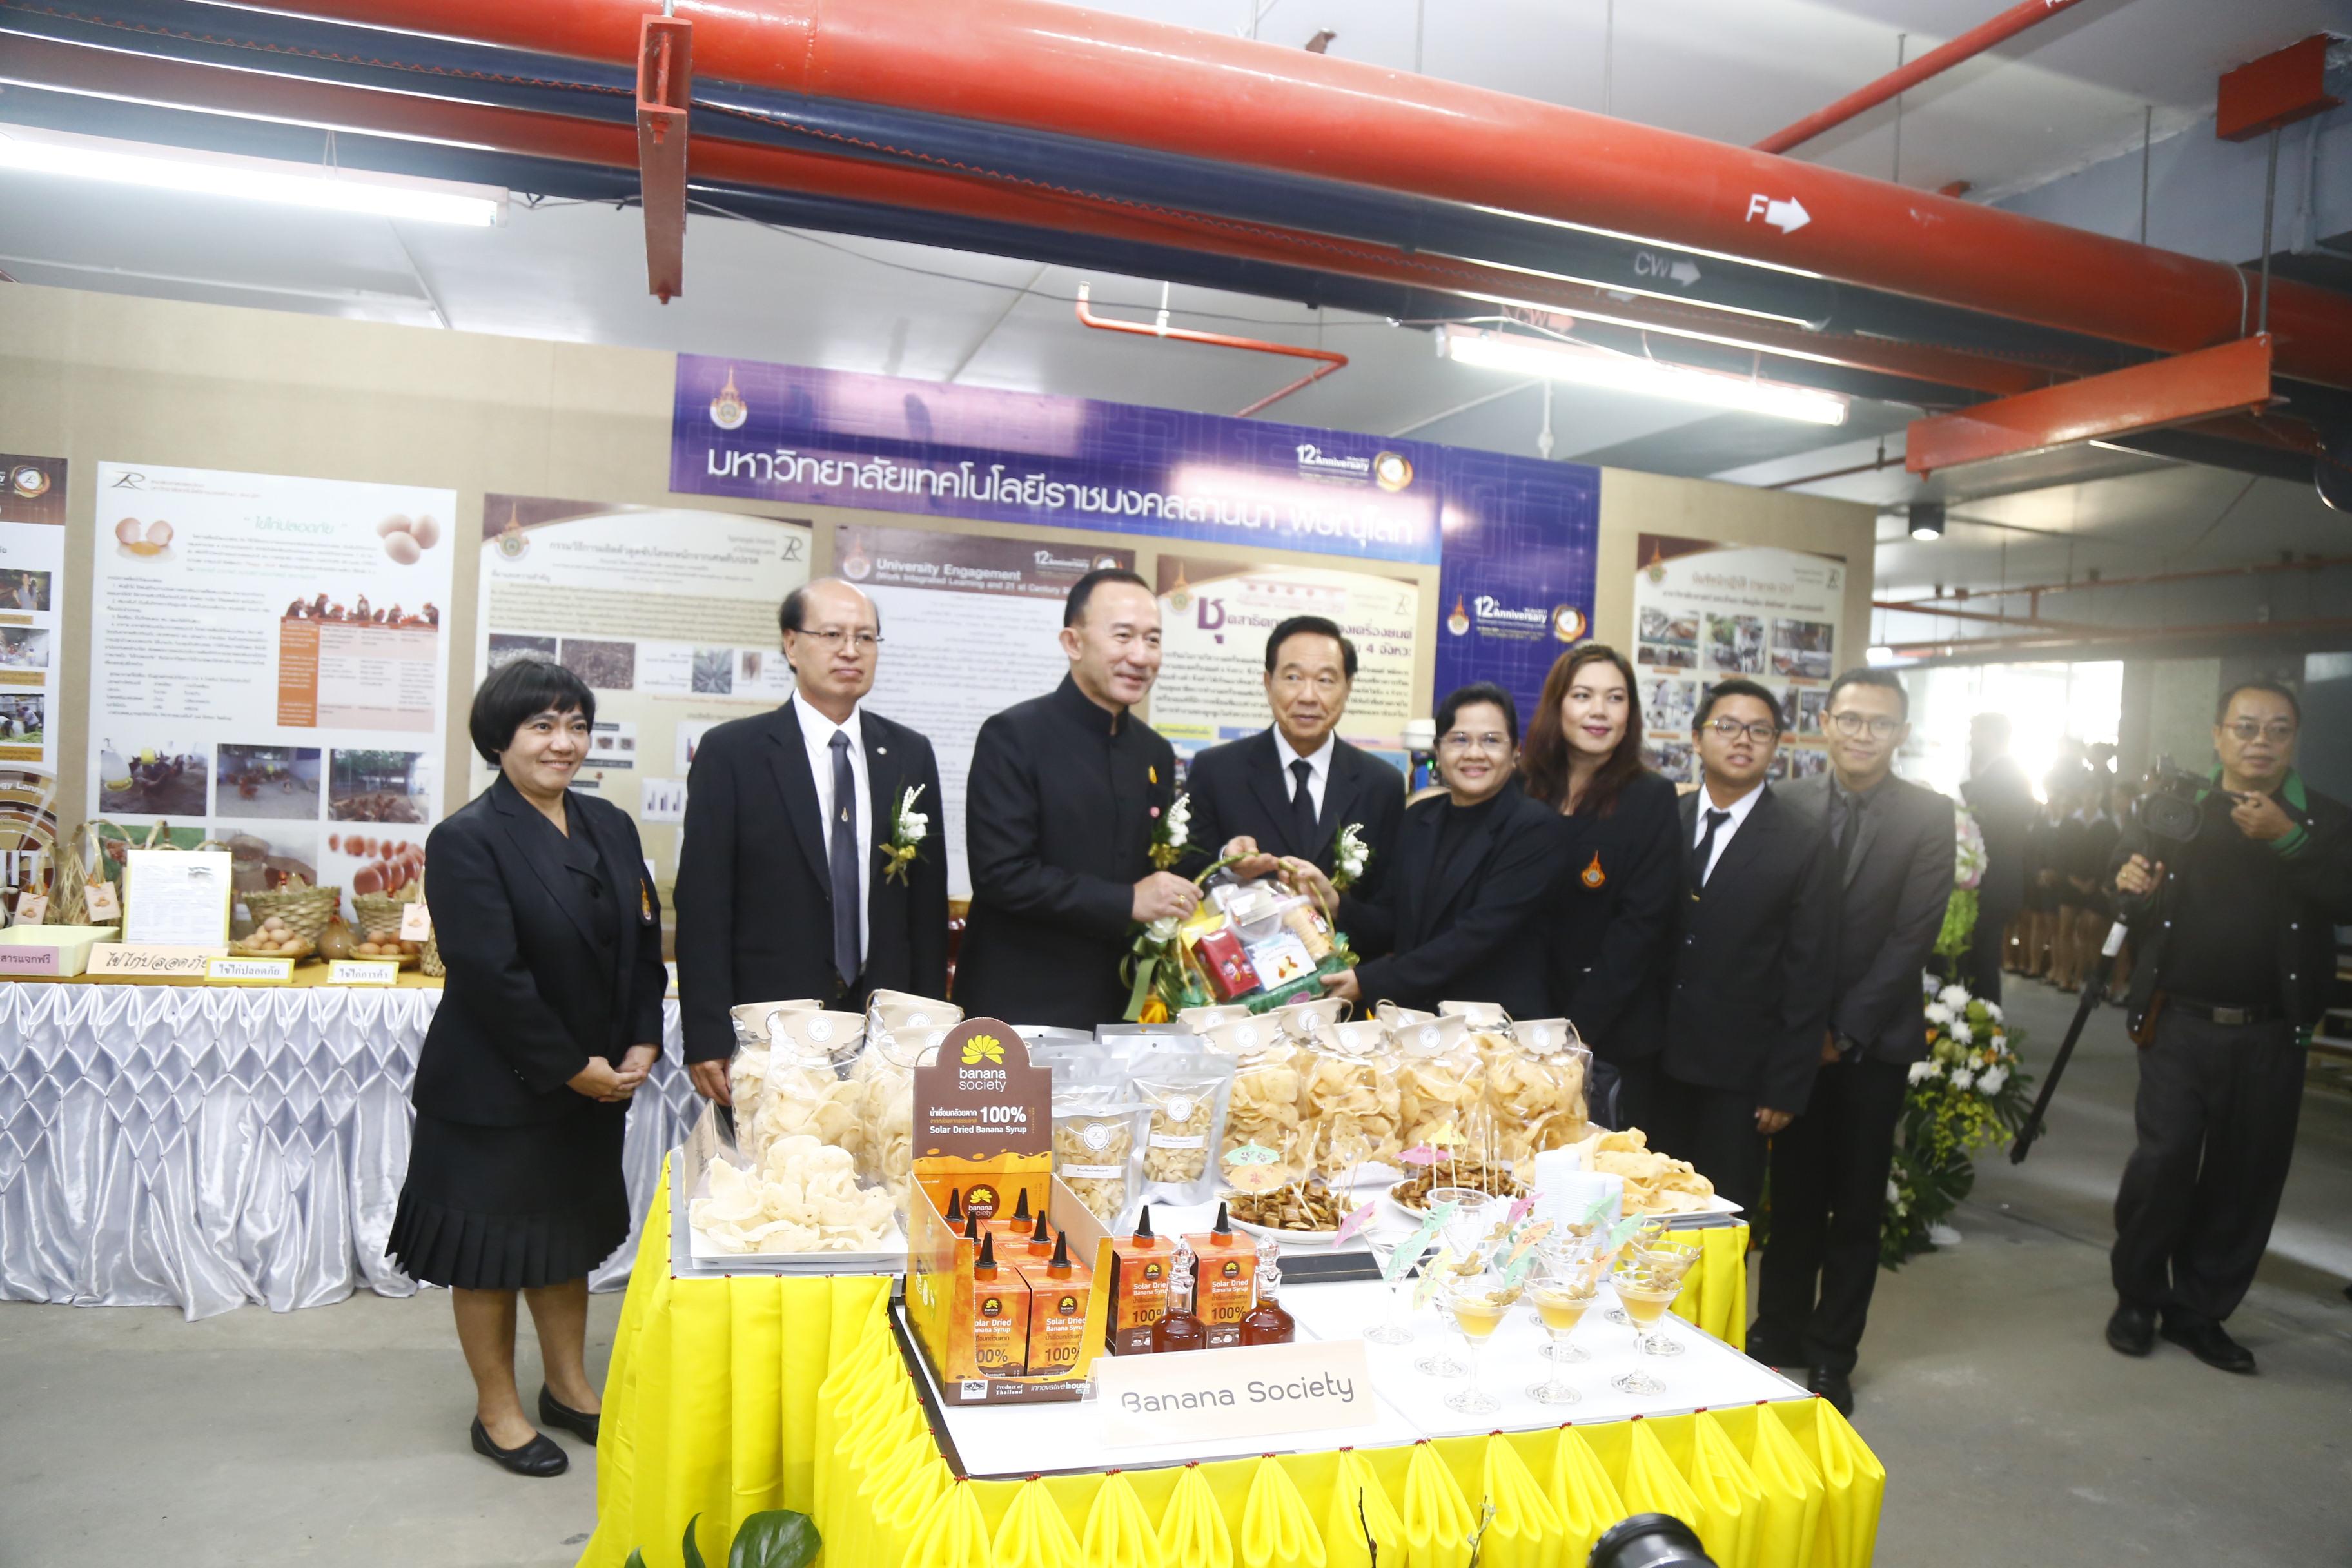 12 ปีราชมงคลล้านนา ยกระดับความสามารถ ก้าวข้ามผ่านกับดักความยากจนของคนไทย